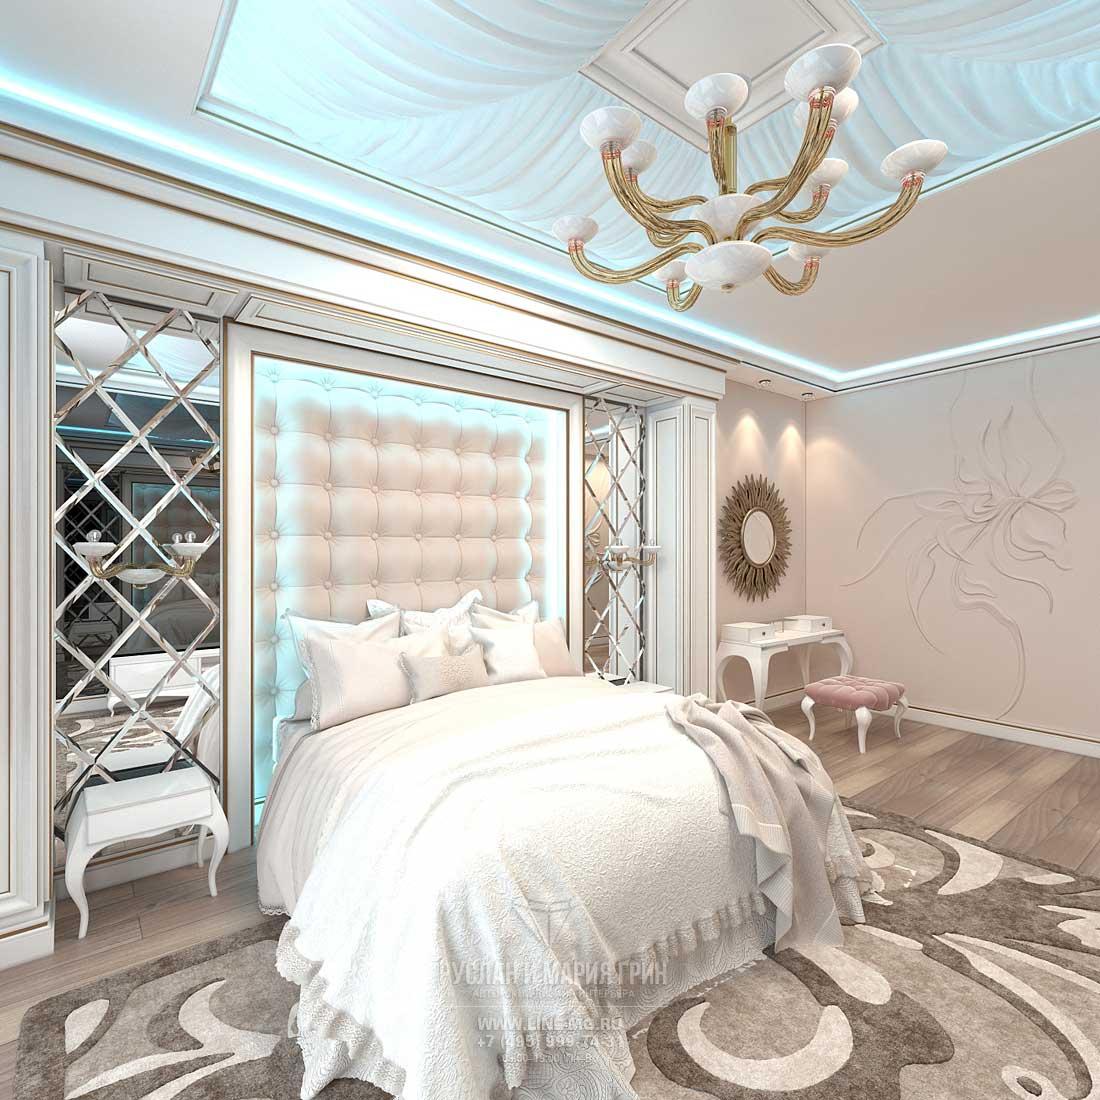 Элитный ремонт квартиры в Москве. Фото интерьера спальни